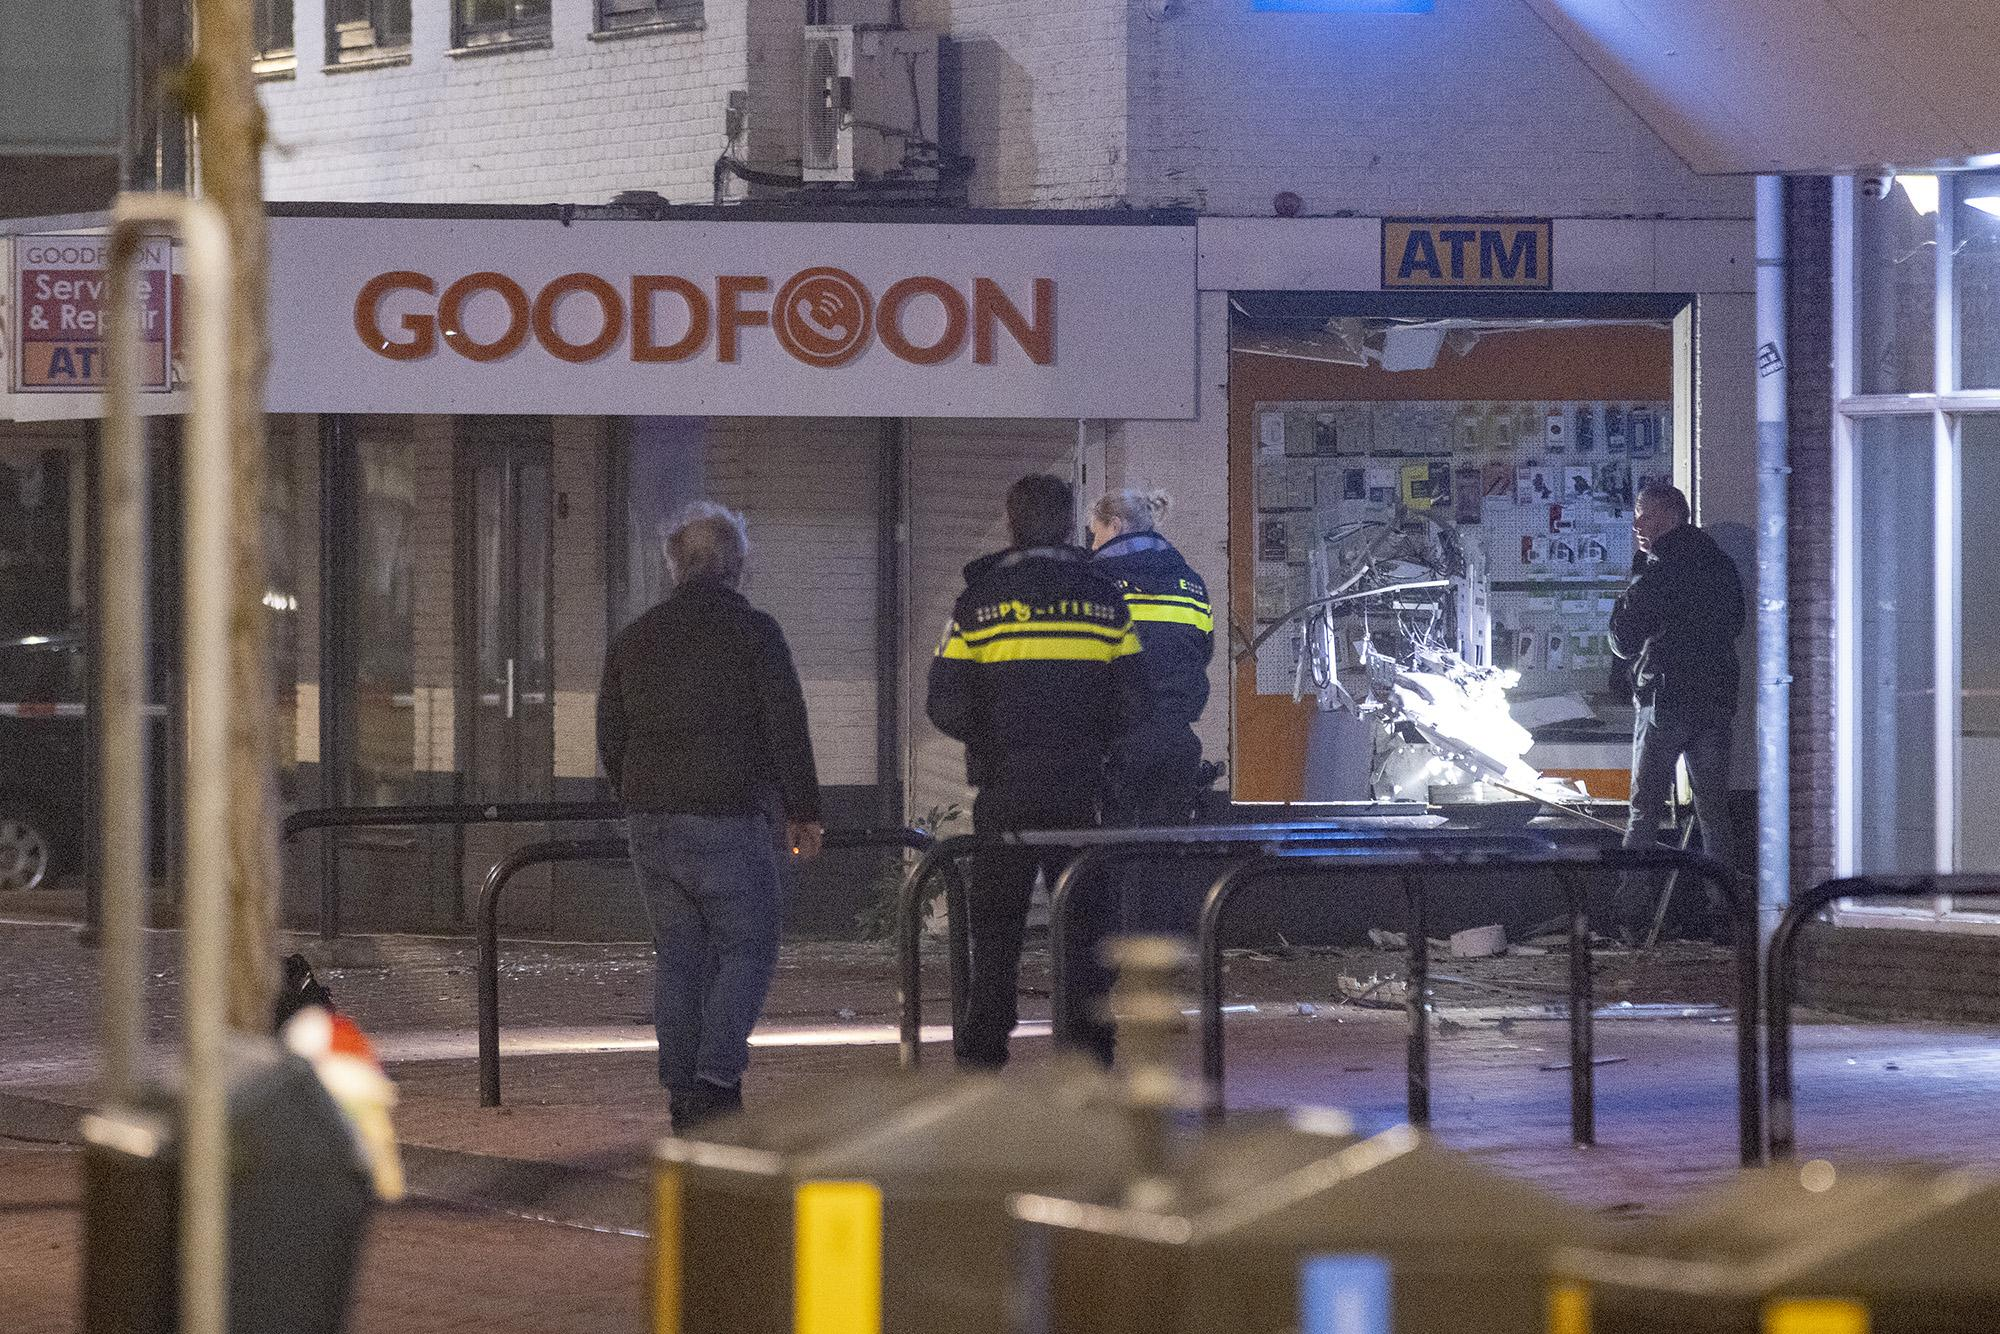 Plofkraak in Zwanenburg: geldautomaat doelwit, politie zoekt twee verdachten op scooter [video]